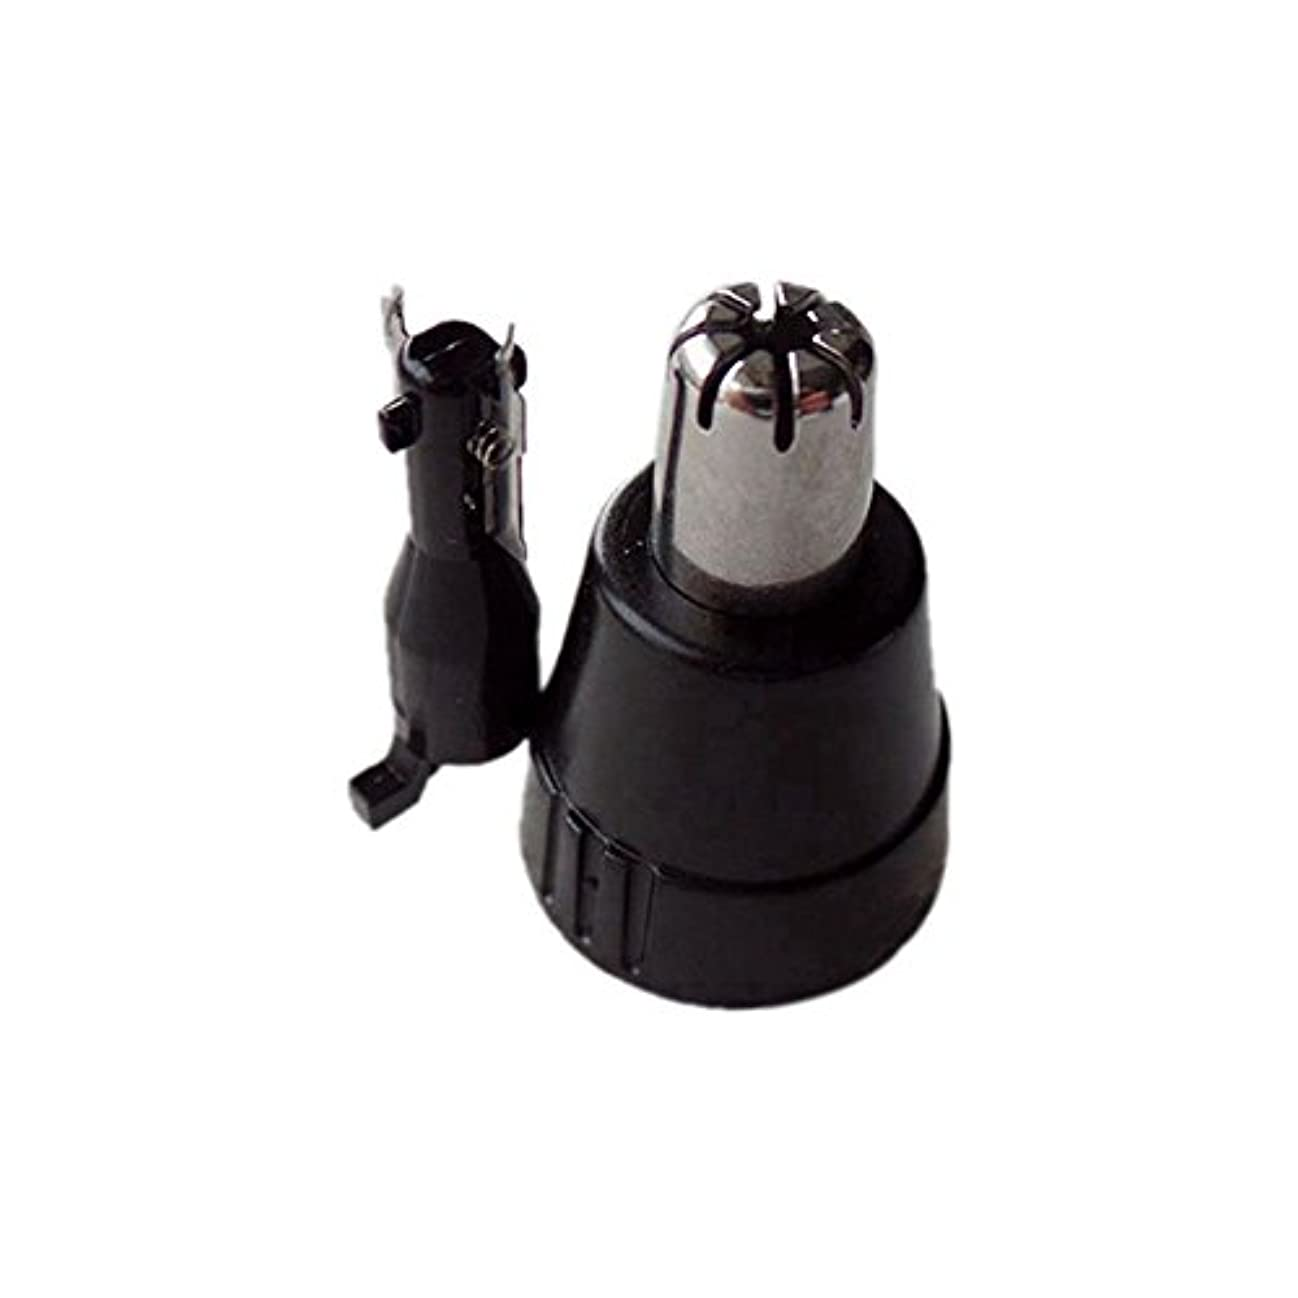 再集計襟選ぶXinvision 鼻毛カッター 交代パーツ 交代品 内刃 外刃 替刃 耐用 for Panasonic 鼻毛カッター ER-GN30/-GN10